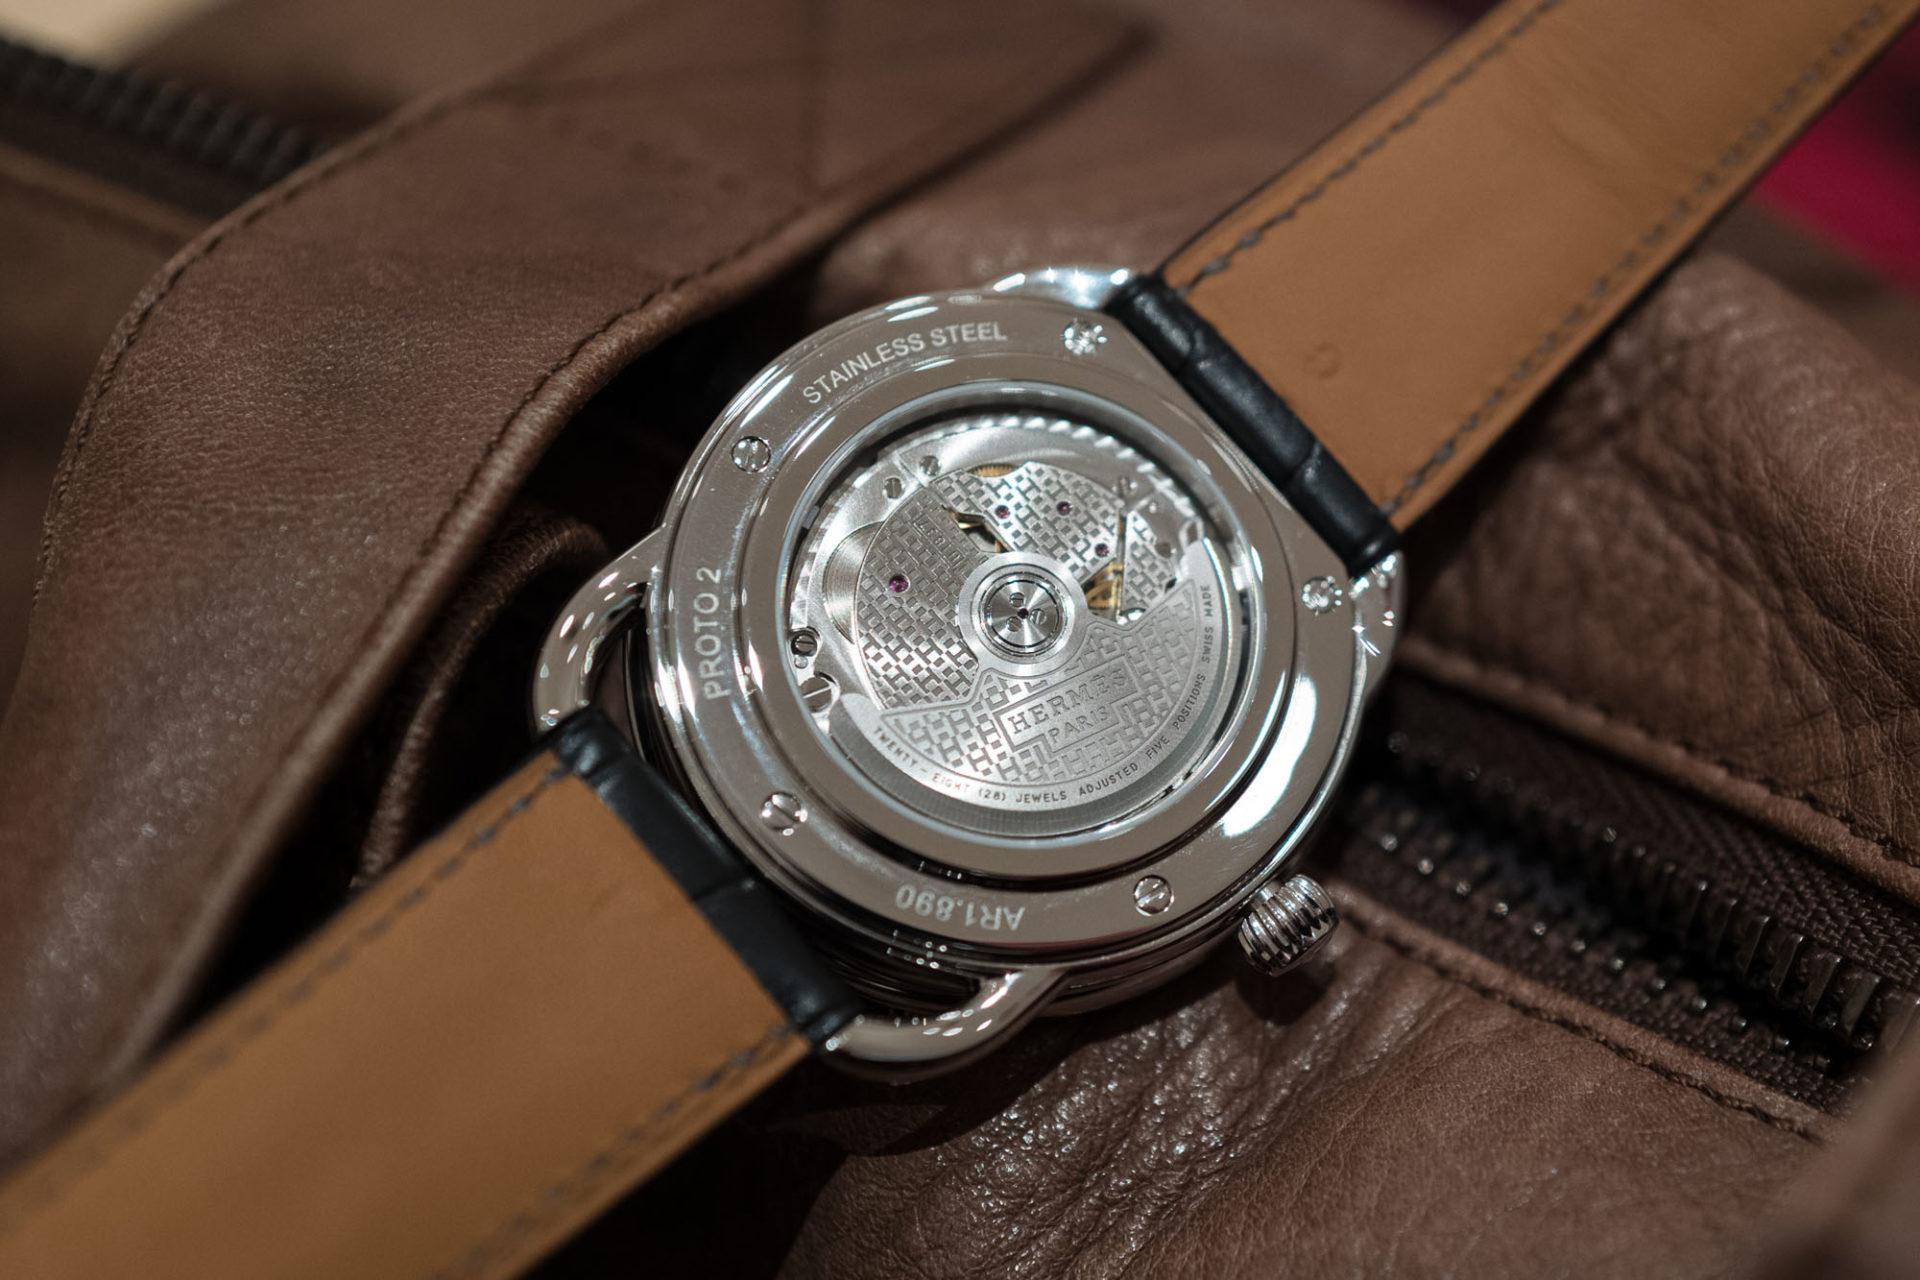 SIHH 2019 - Hermès Arceau L'heure de la Lune